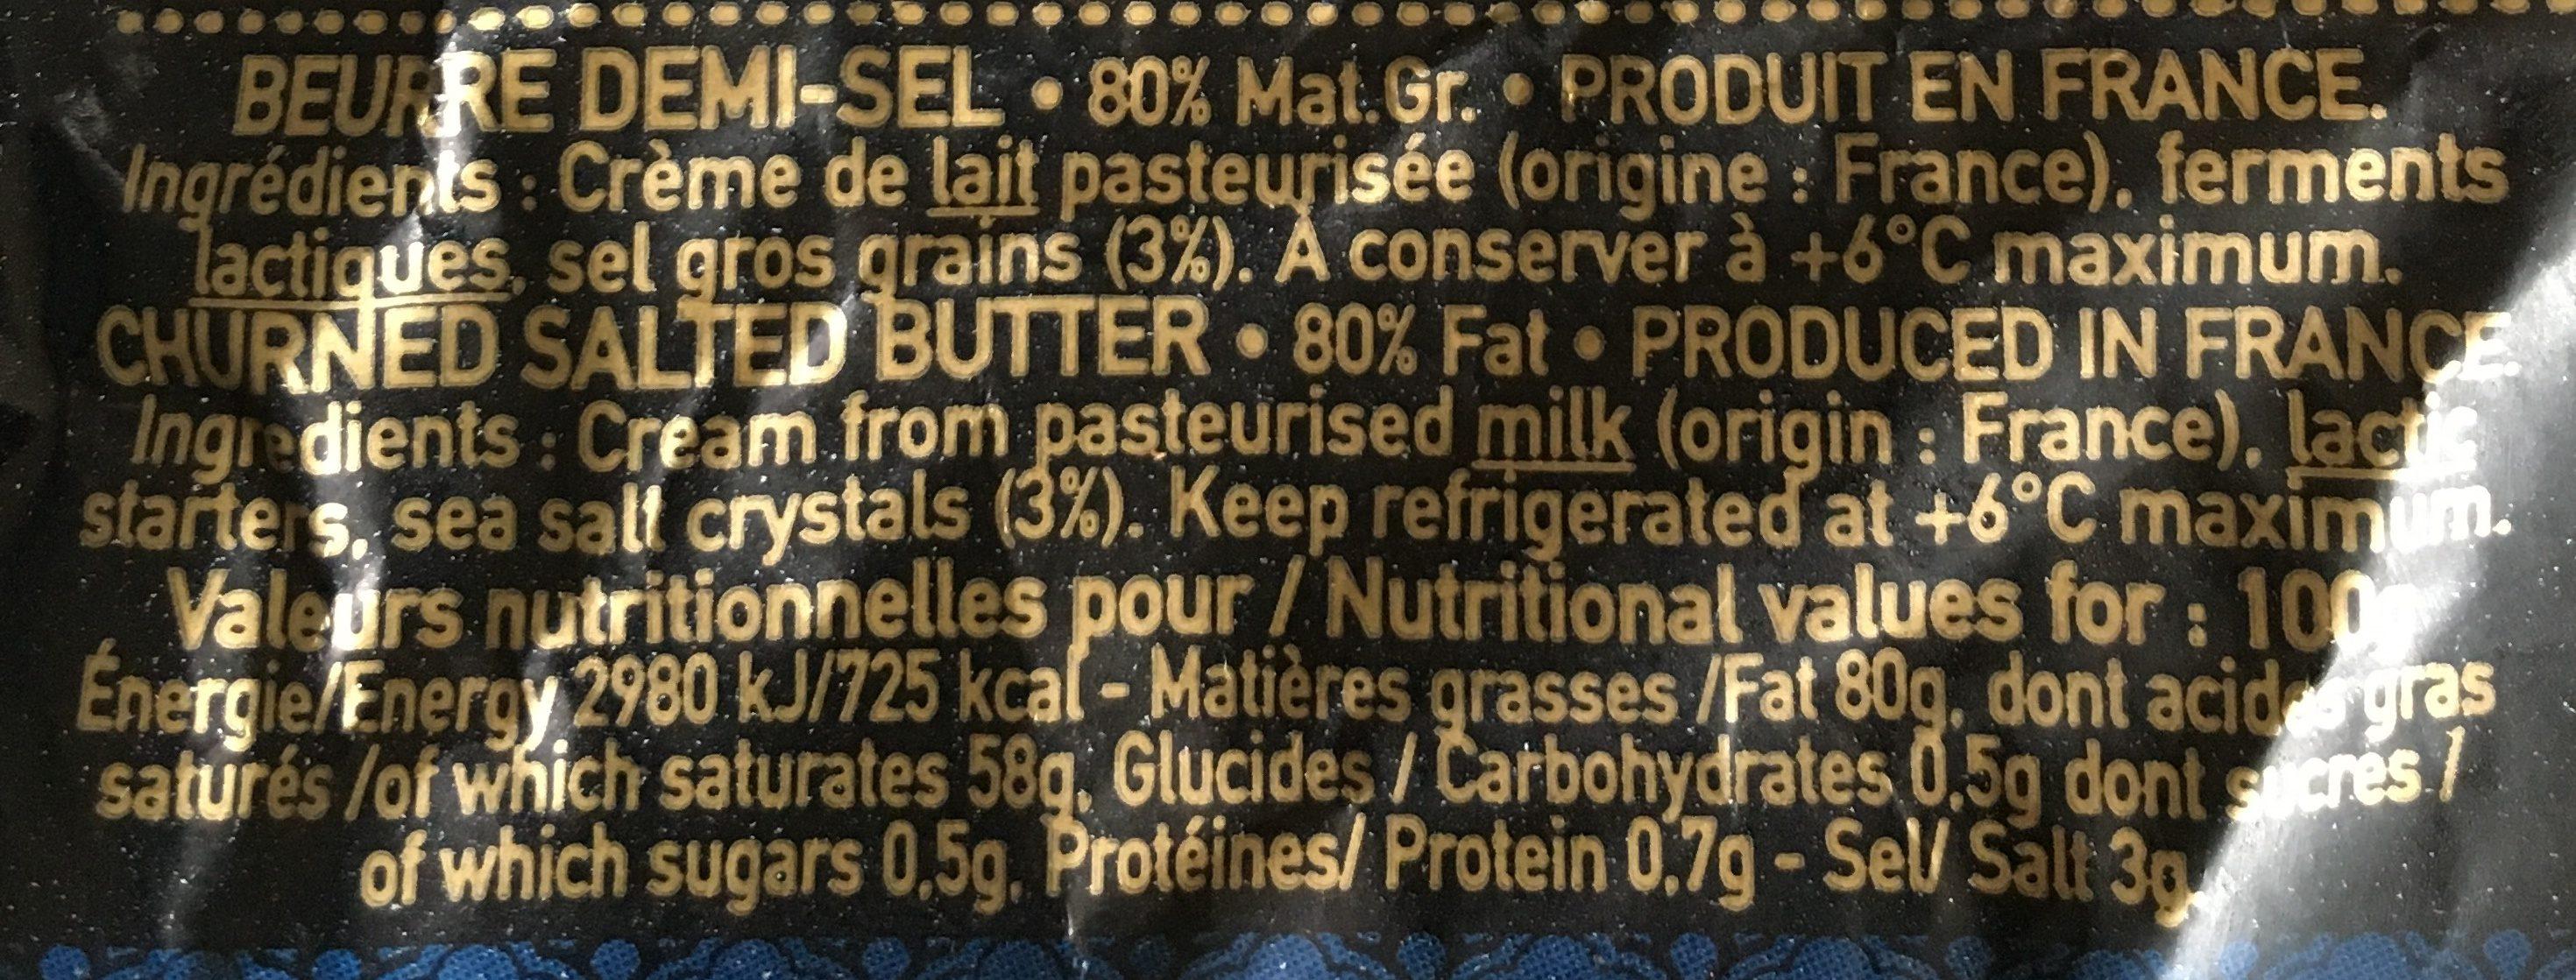 Beurre de baratte aux cristaux de sel de guérande - Ingrediënten - fr